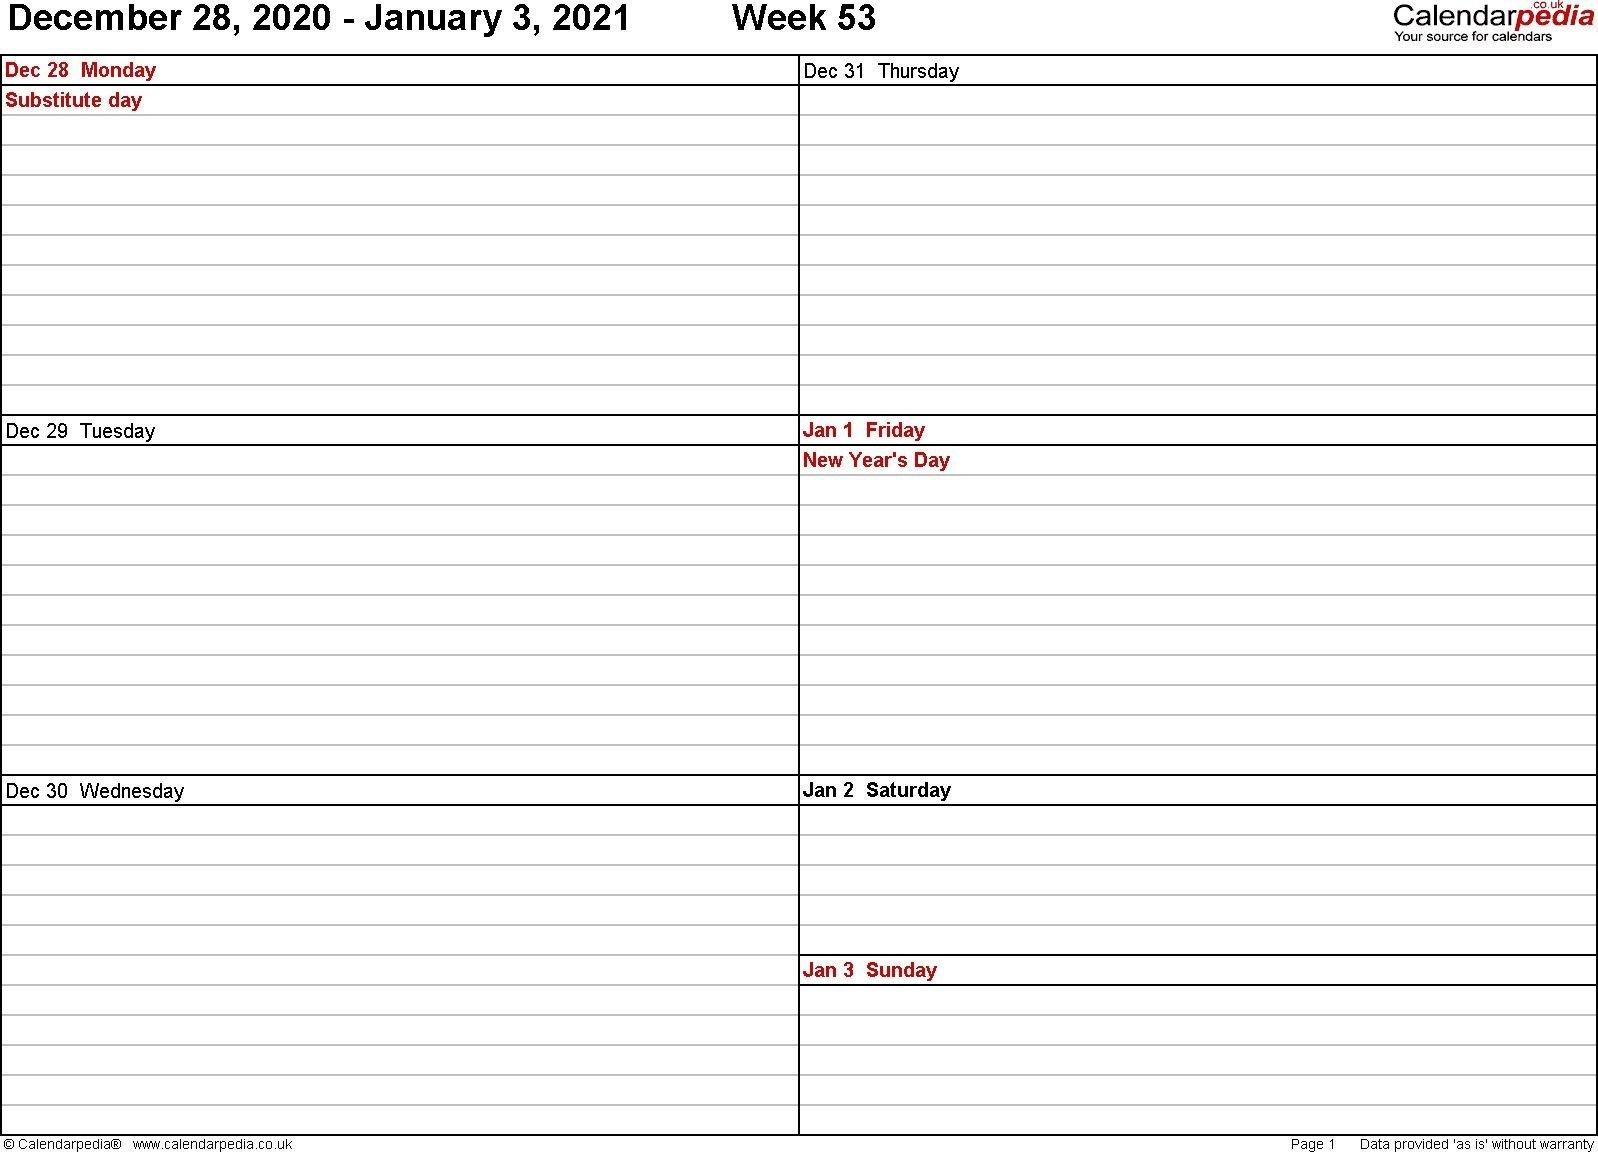 2021 Weekly Calendar Excel Free Di 2020 Free Printable 2 Week Calendar